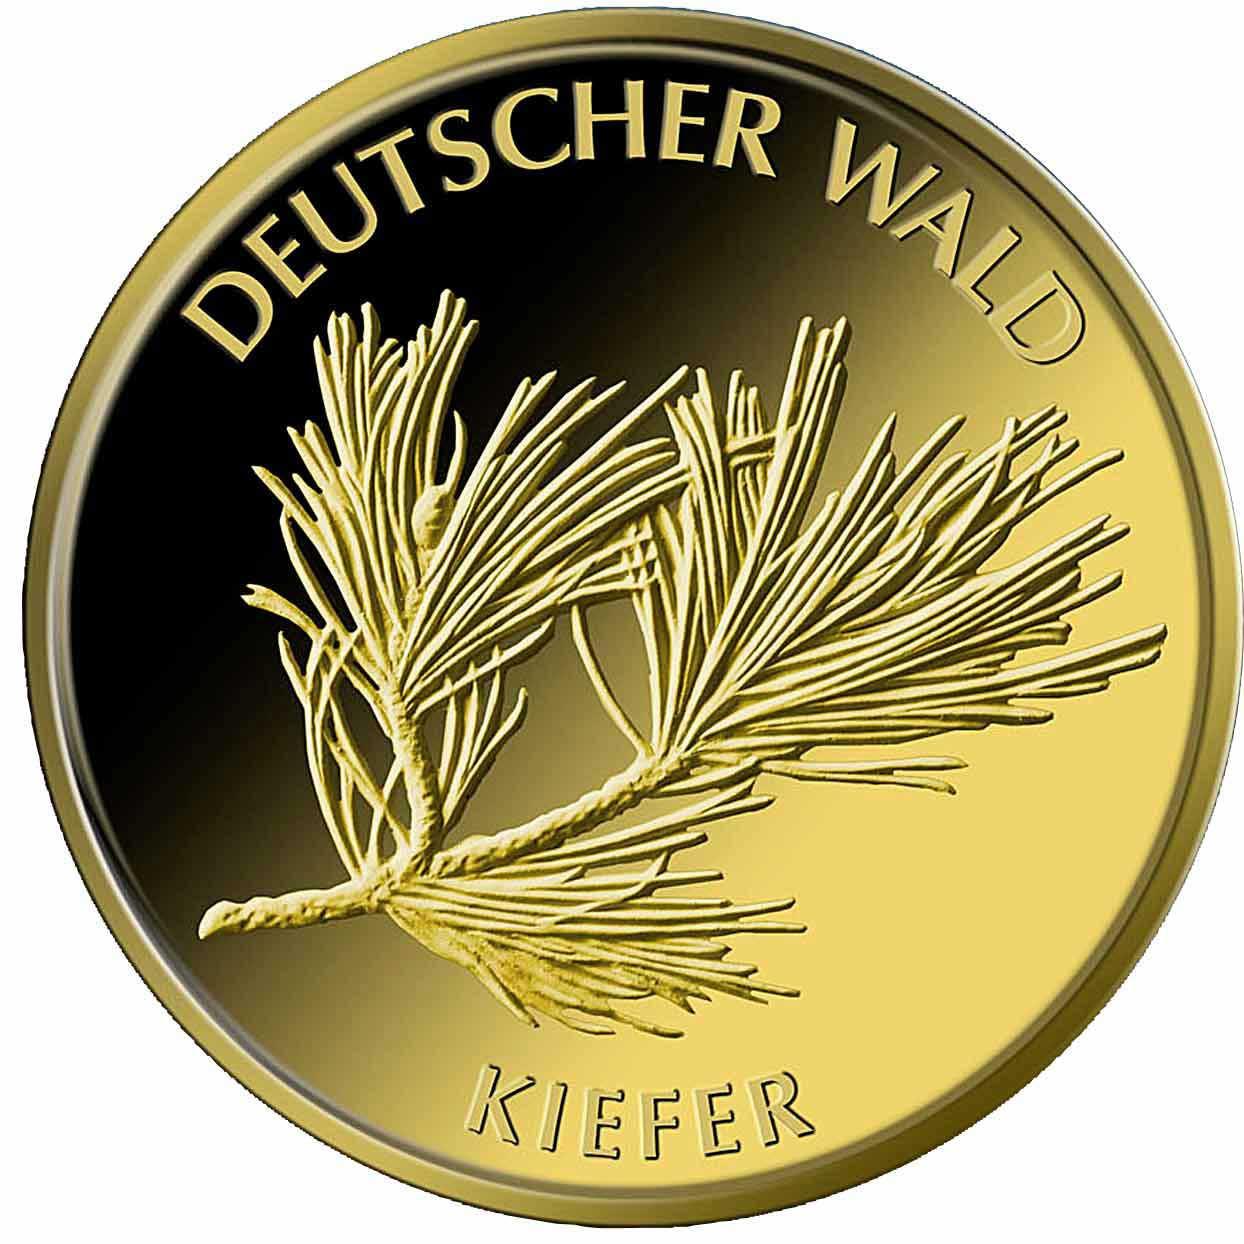 20 Euro Goldmünze Deutscher Wald Kiefer 2013 Bildseite 20 Euro Goldmünze Deutscher Wald Kiefer